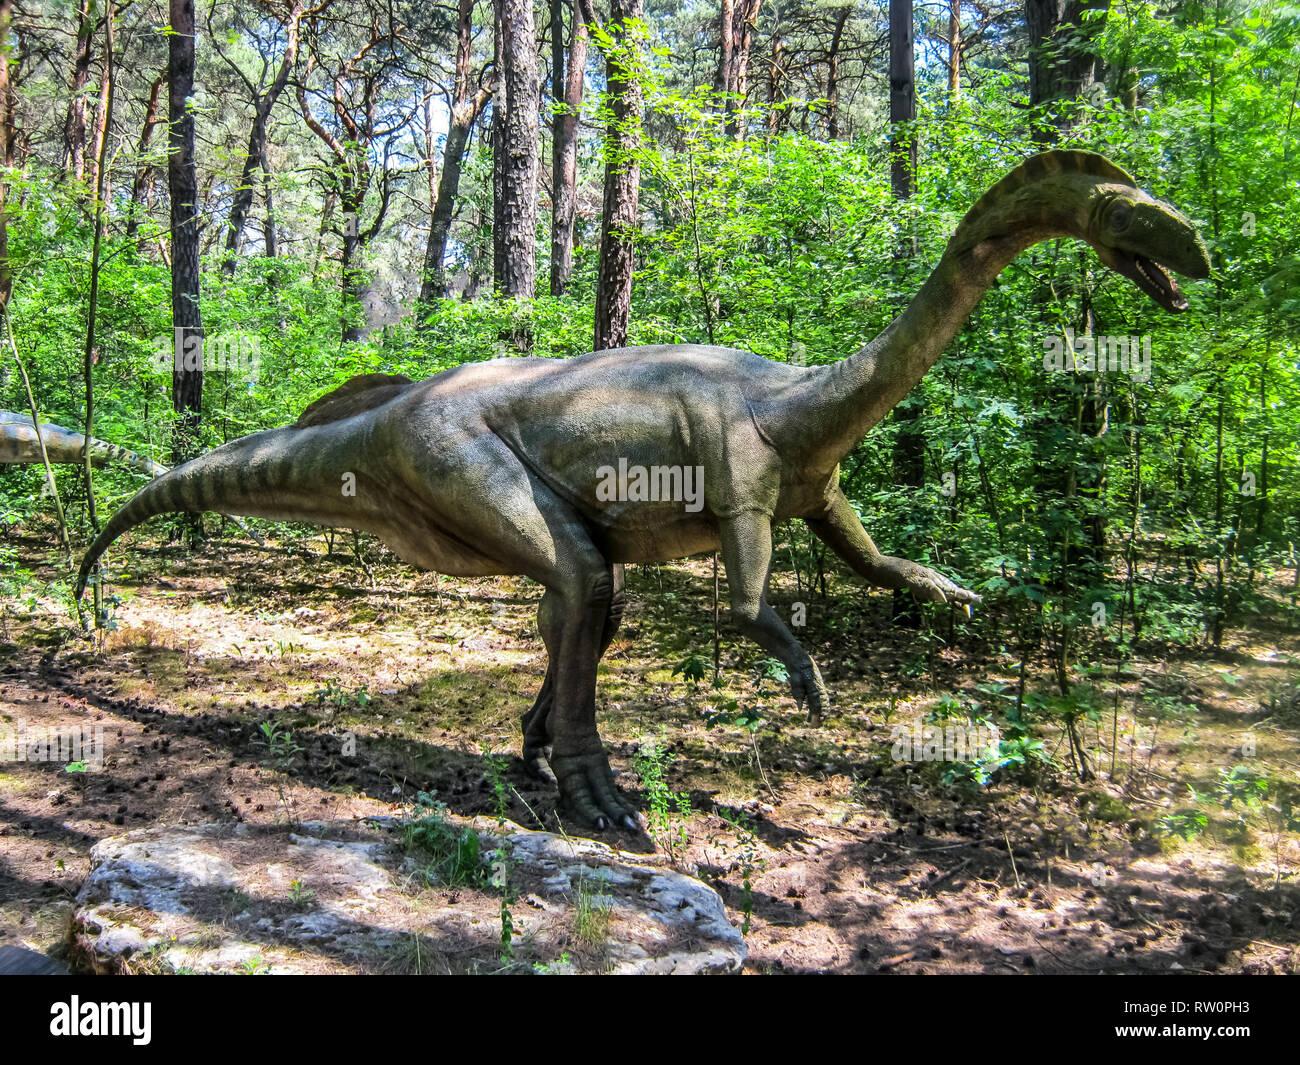 Dos Patas De Dinosaurios Herbivoros En El Bosque Fotografia De Stock Alamy Elegir categoría curiosidades dinosaurios dinosaurios carnívoros dinosaurios herbívoros dinosaurios omnívoros. https www alamy es dos patas de dinosaurios herbivoros en el bosque image239118911 html